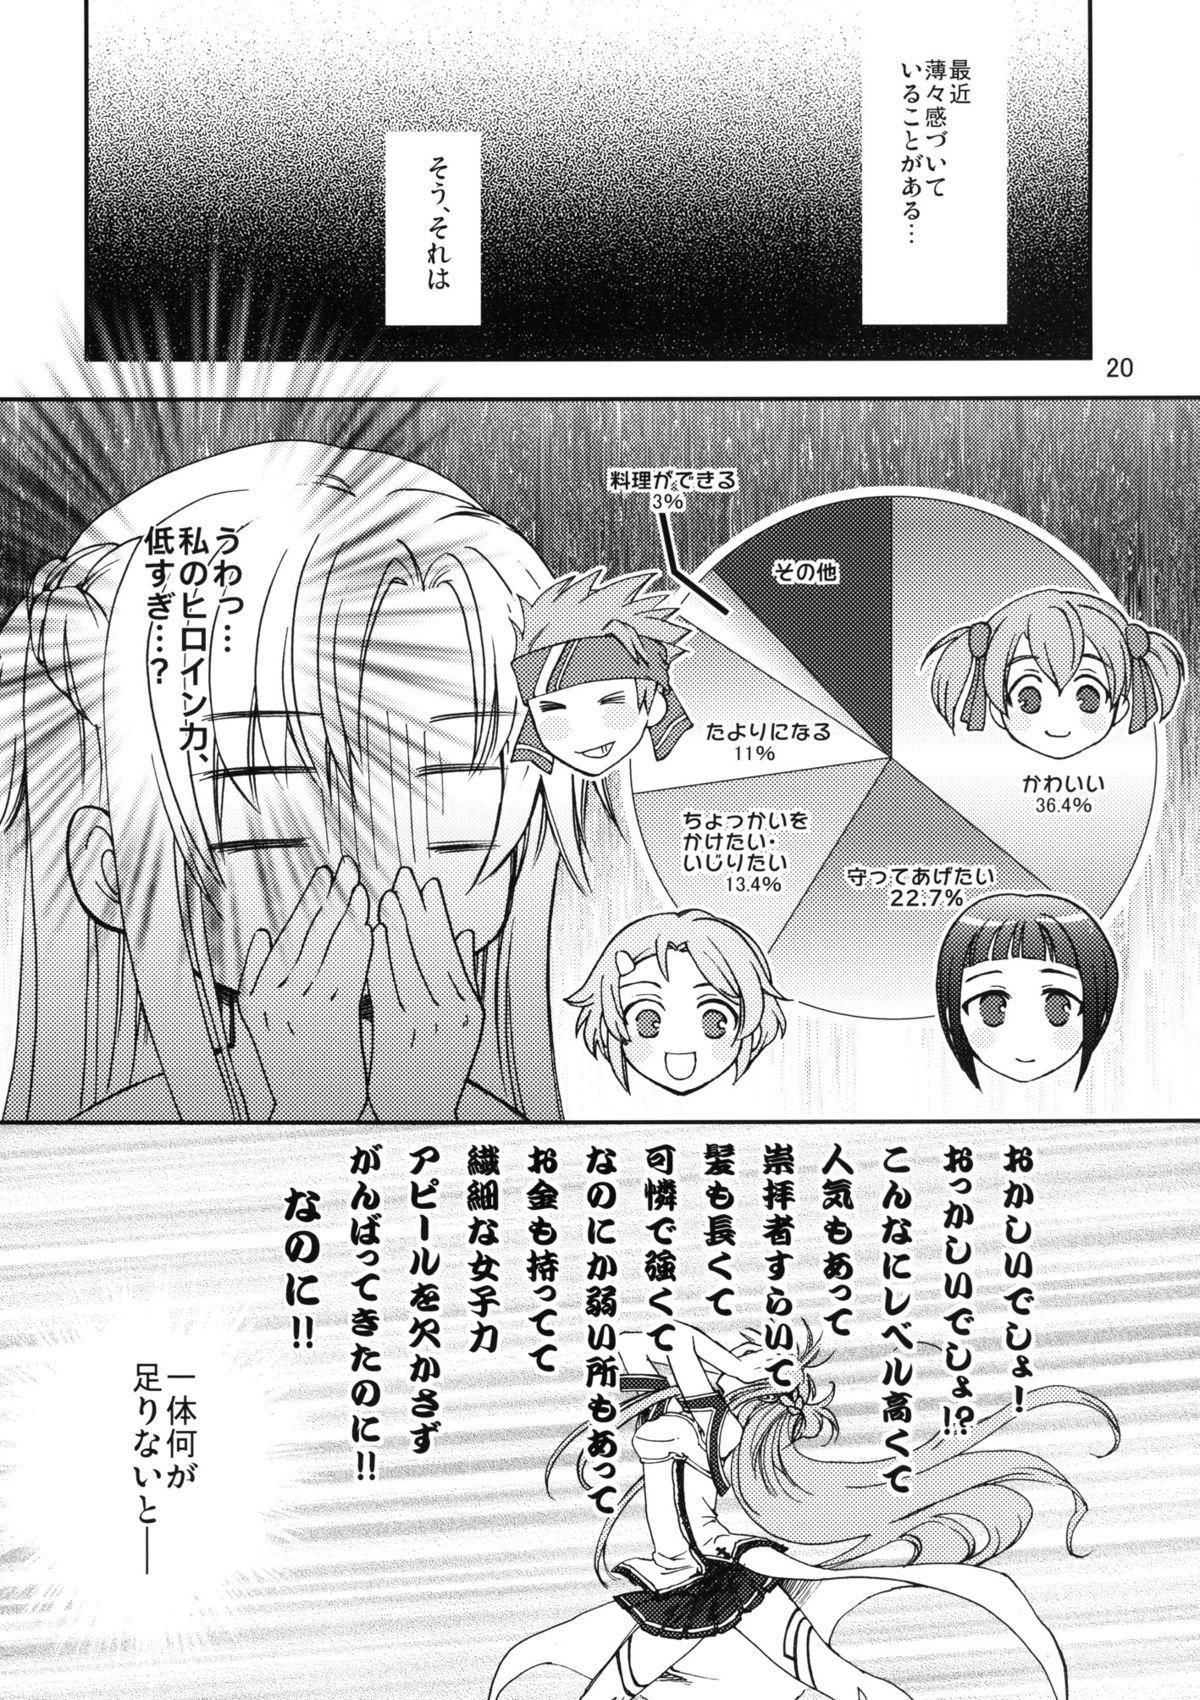 Toraware no Kokoro 19